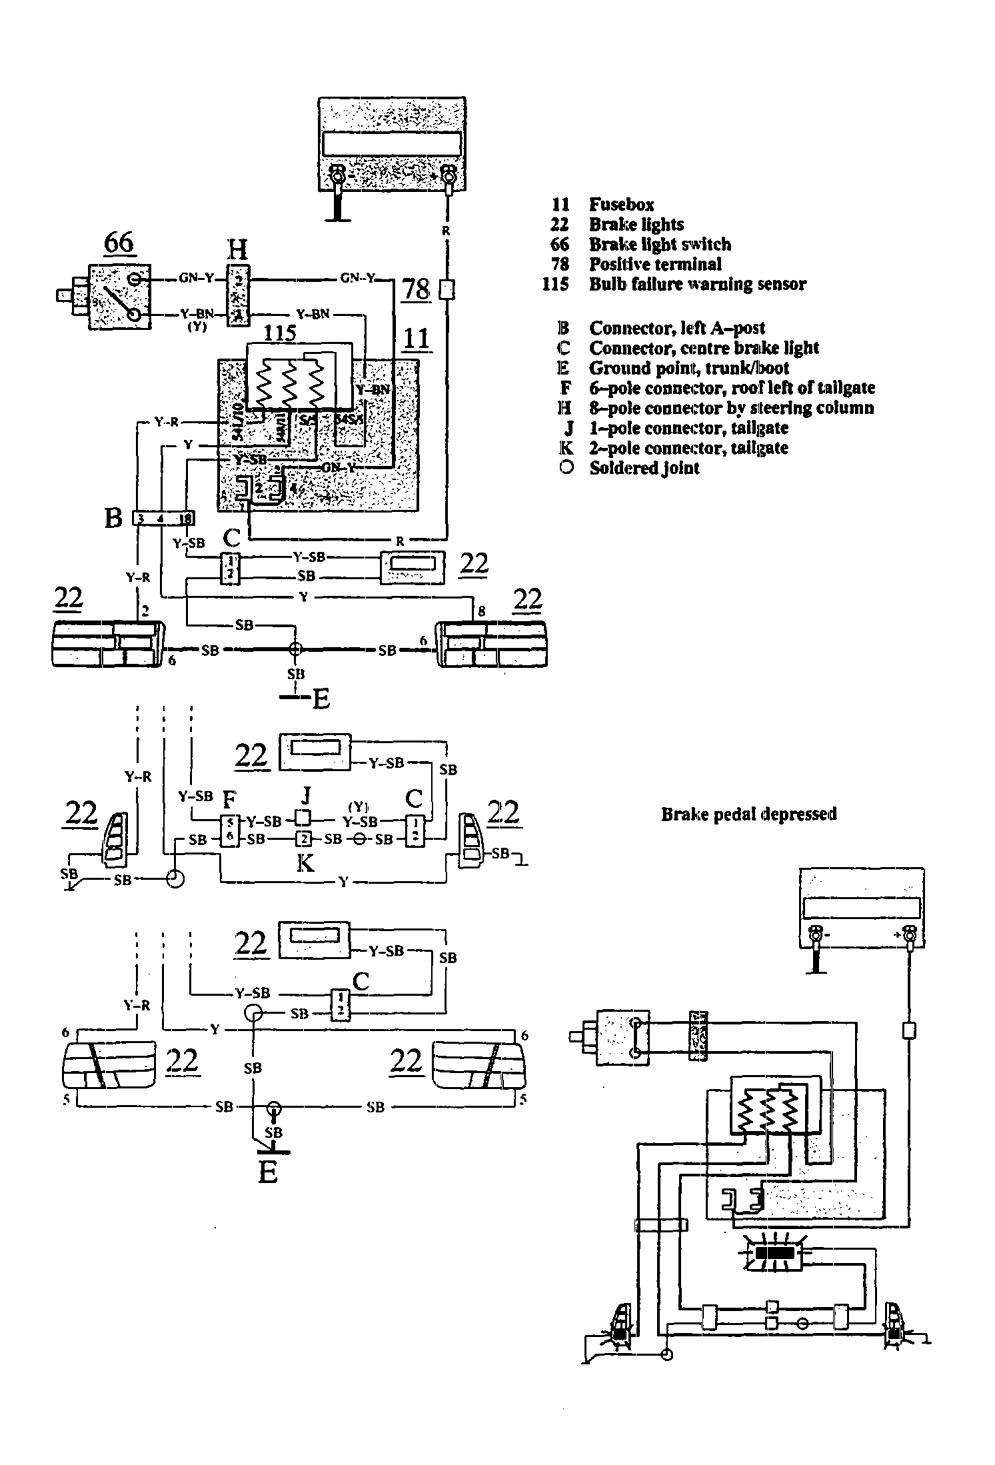 medium resolution of volvo 240 ke light wiring diagram u2022 wiring diagram for free volvo 240 tail light wiring diagram 1993 volvo 240 wiring diagram